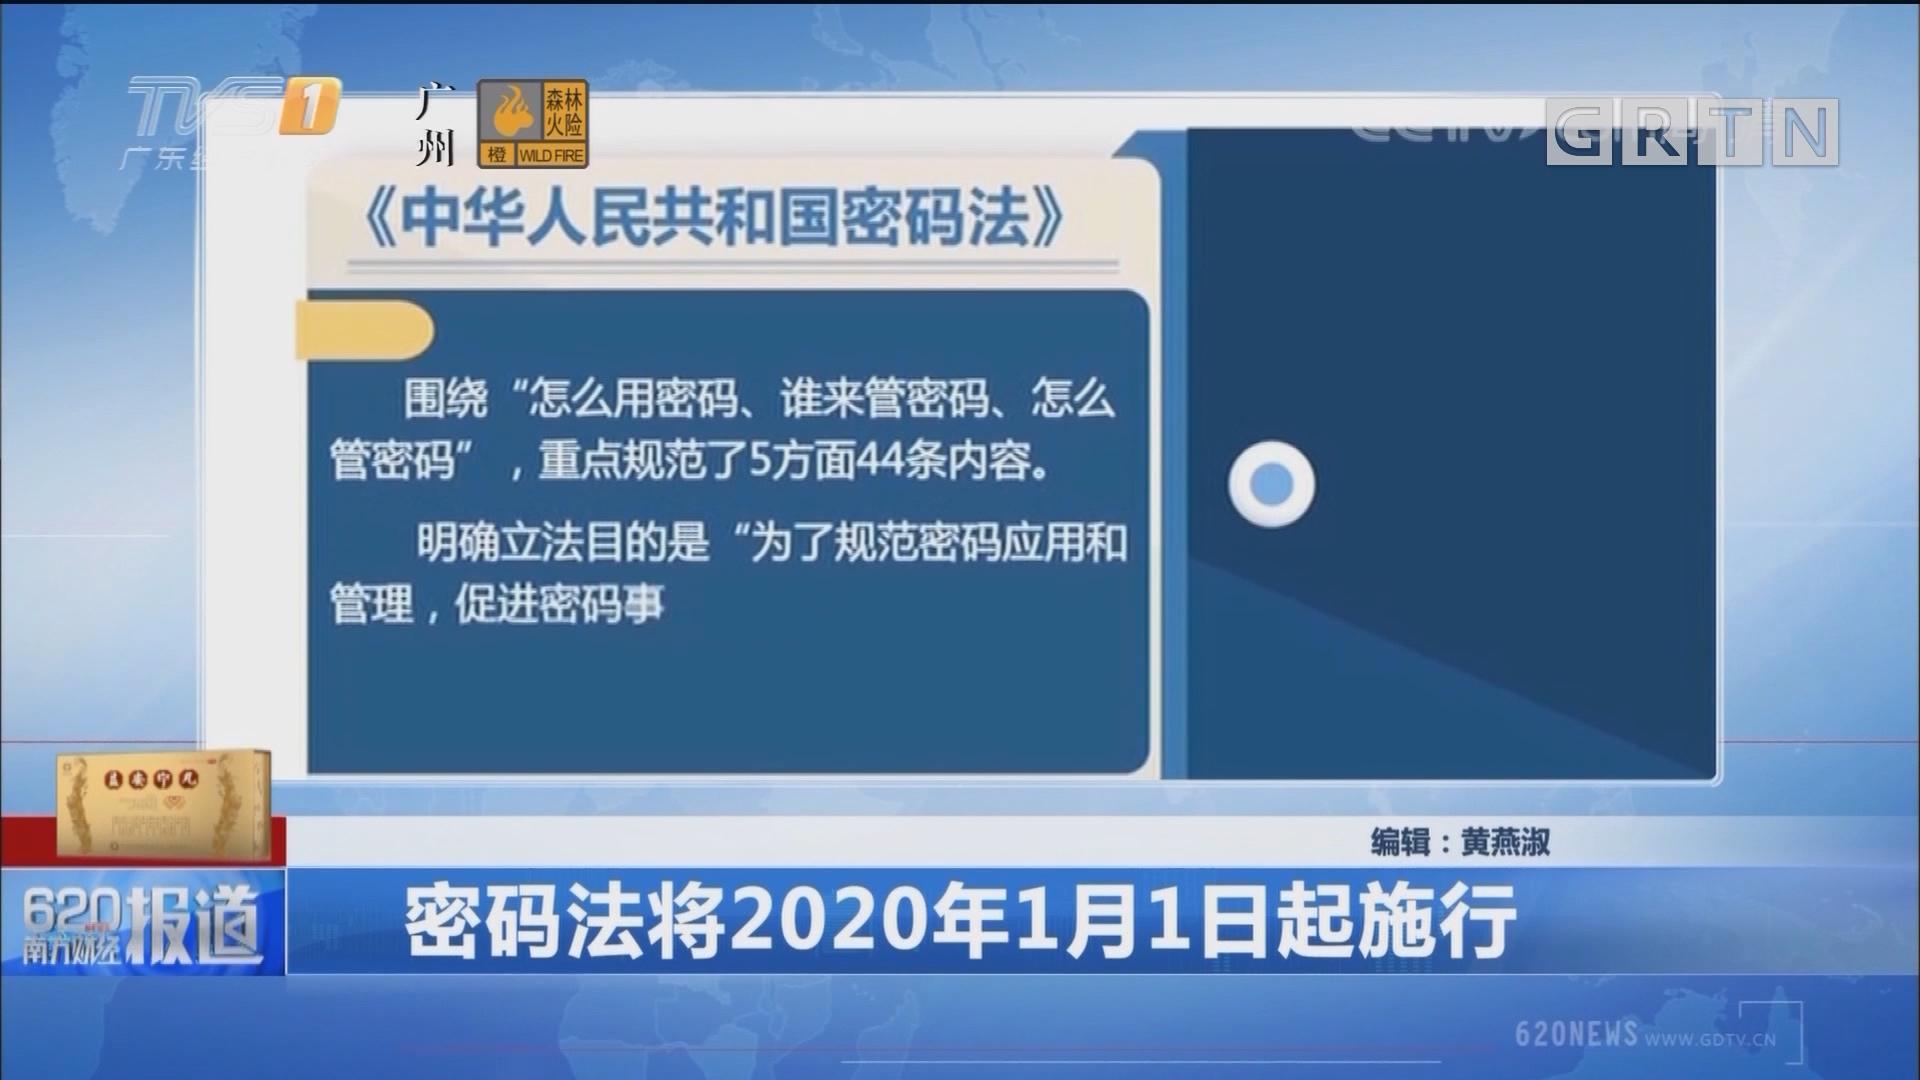 密码法将2020年1月1日起施行